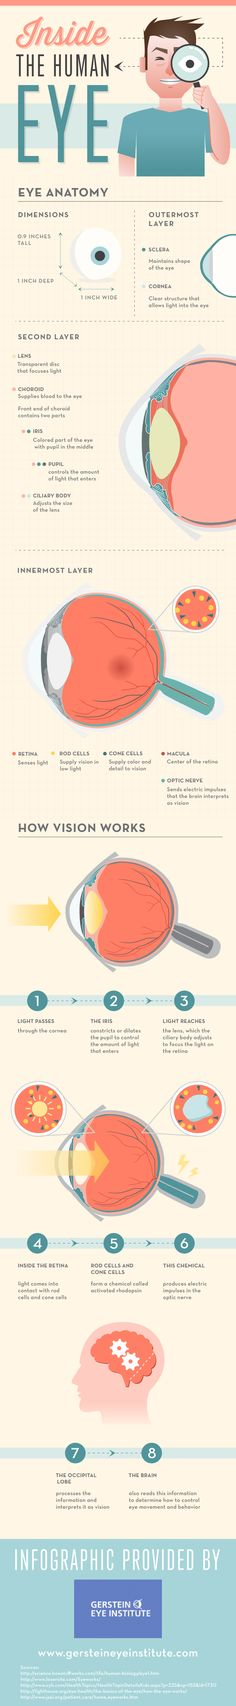 Iside the human eye